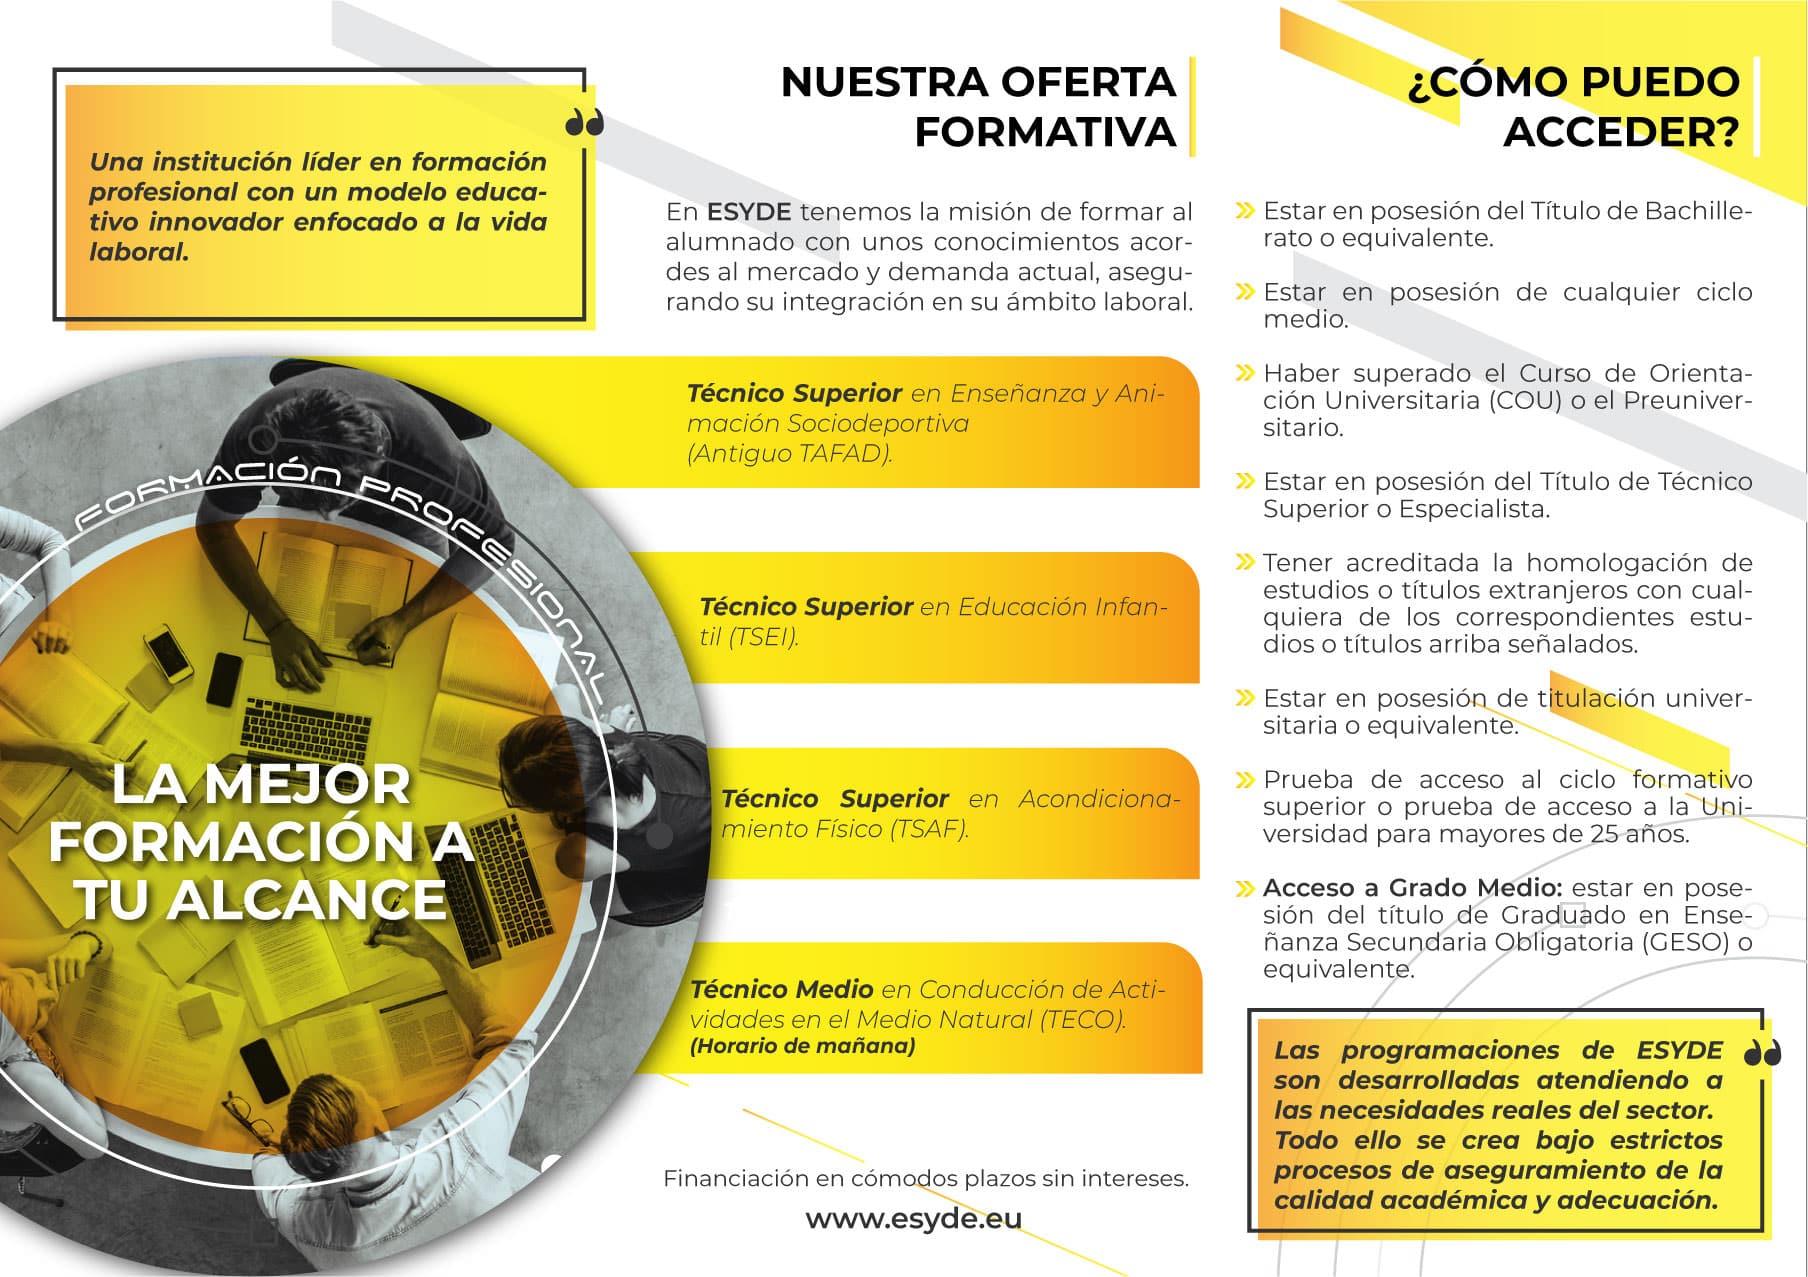 Centro Esyde Formación Cádiz Centro Tafad Cádiz